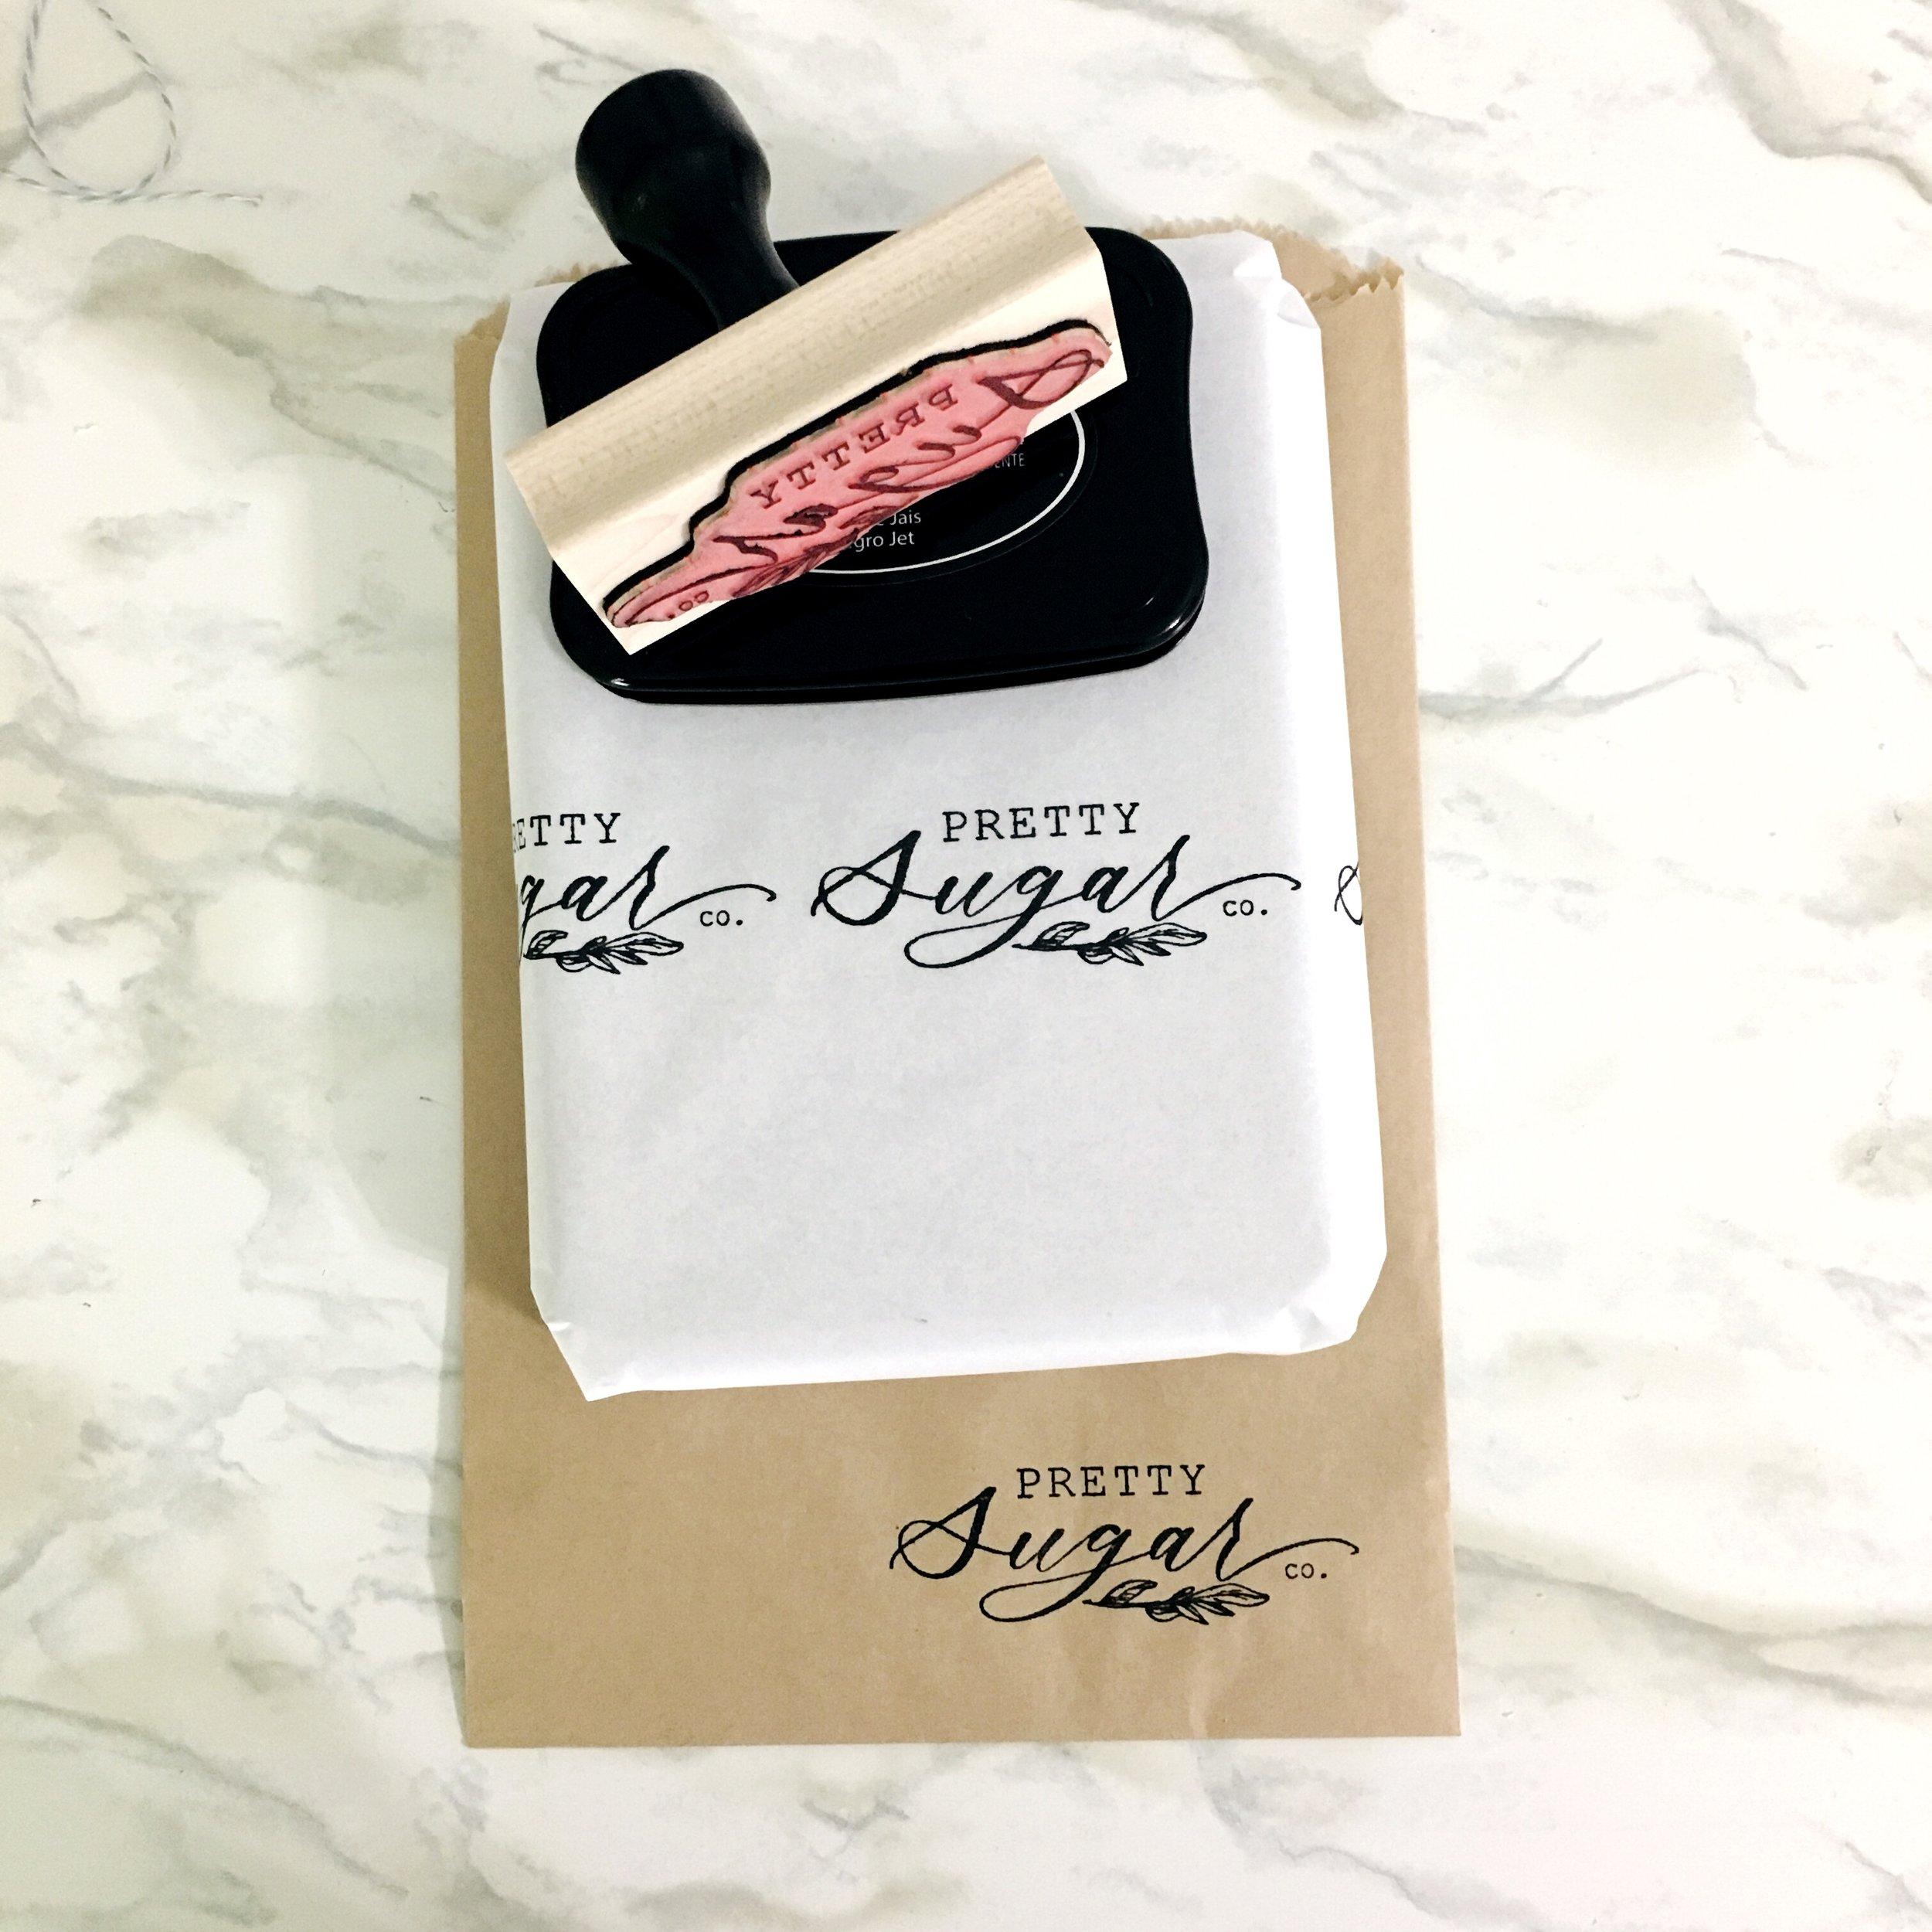 Creatiate Stamps Packaging Ideas - The Creatiate DIY Blog _0486.jpg